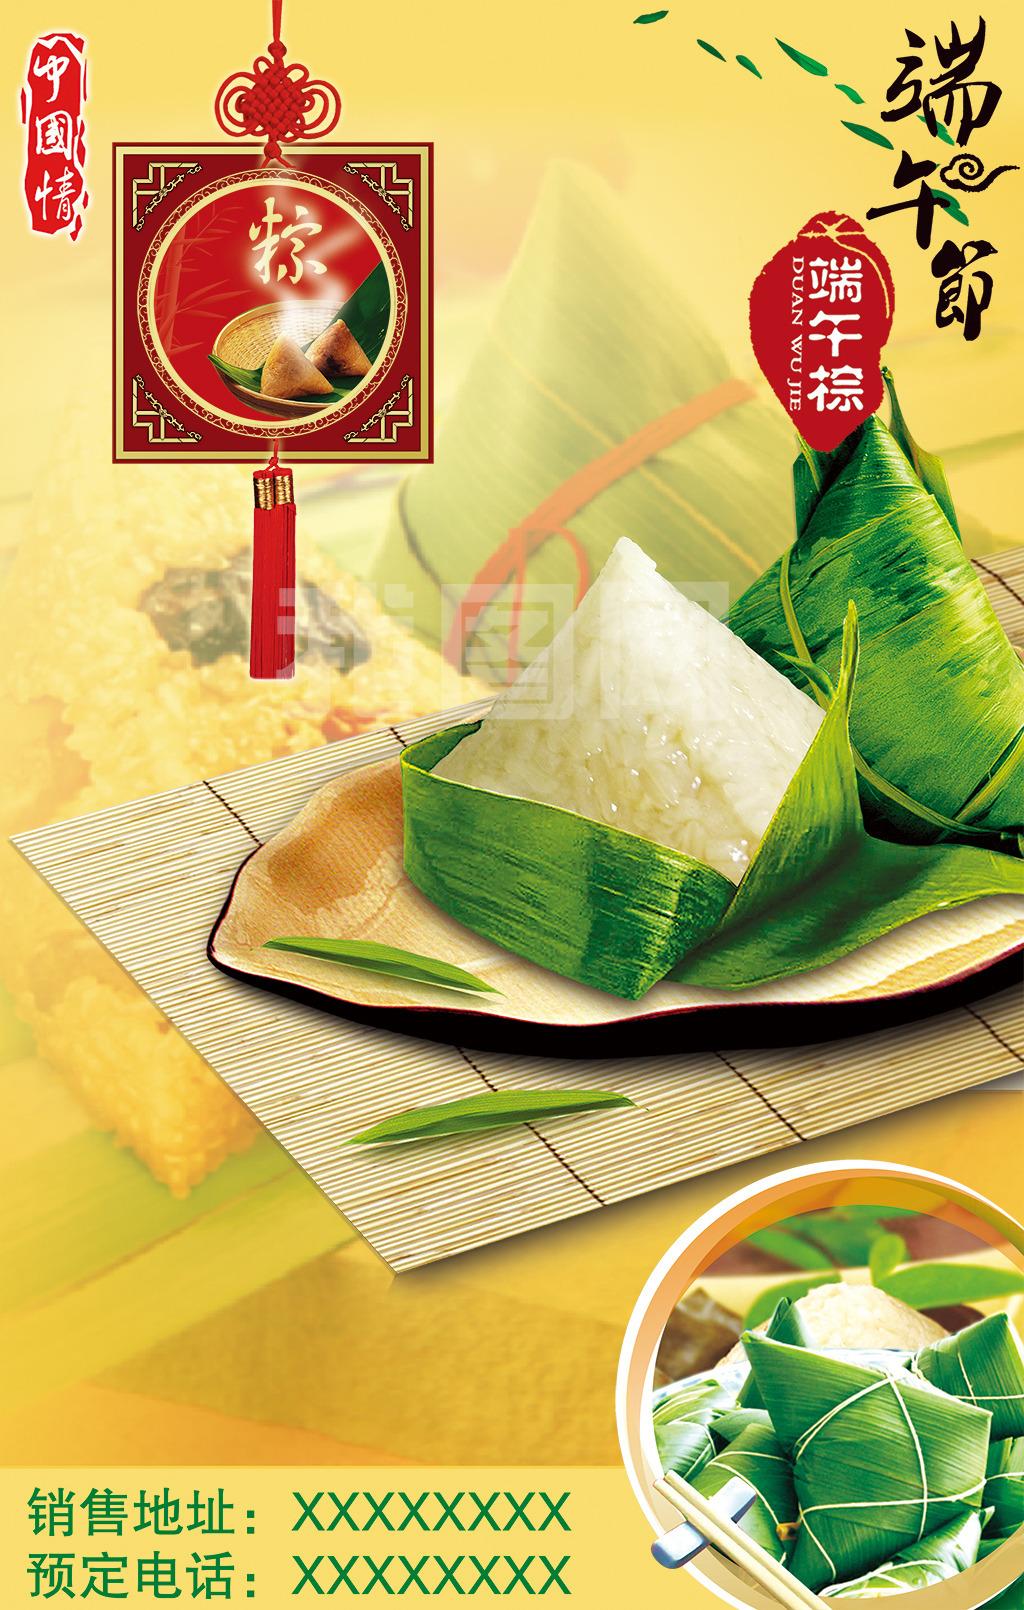 端午节粽子彩页海报模板展板图片下载